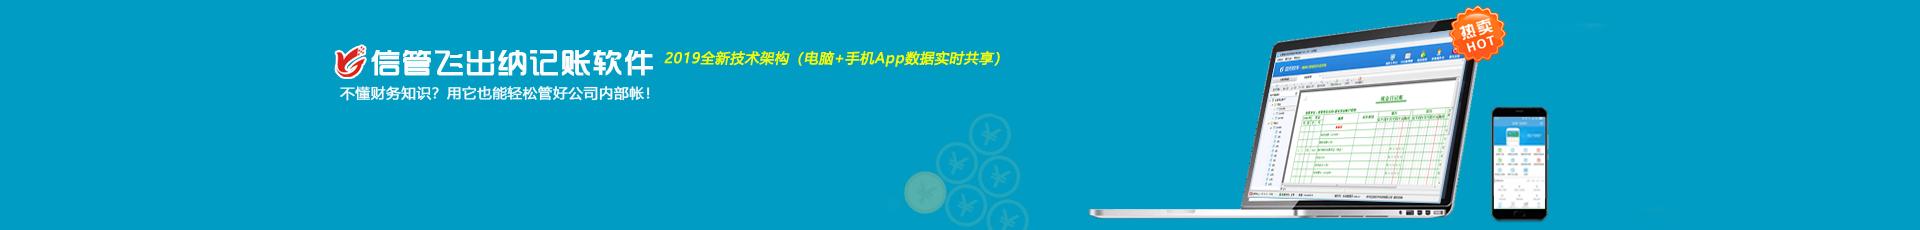 信管飞出纳记帐软件V9.2.419发布